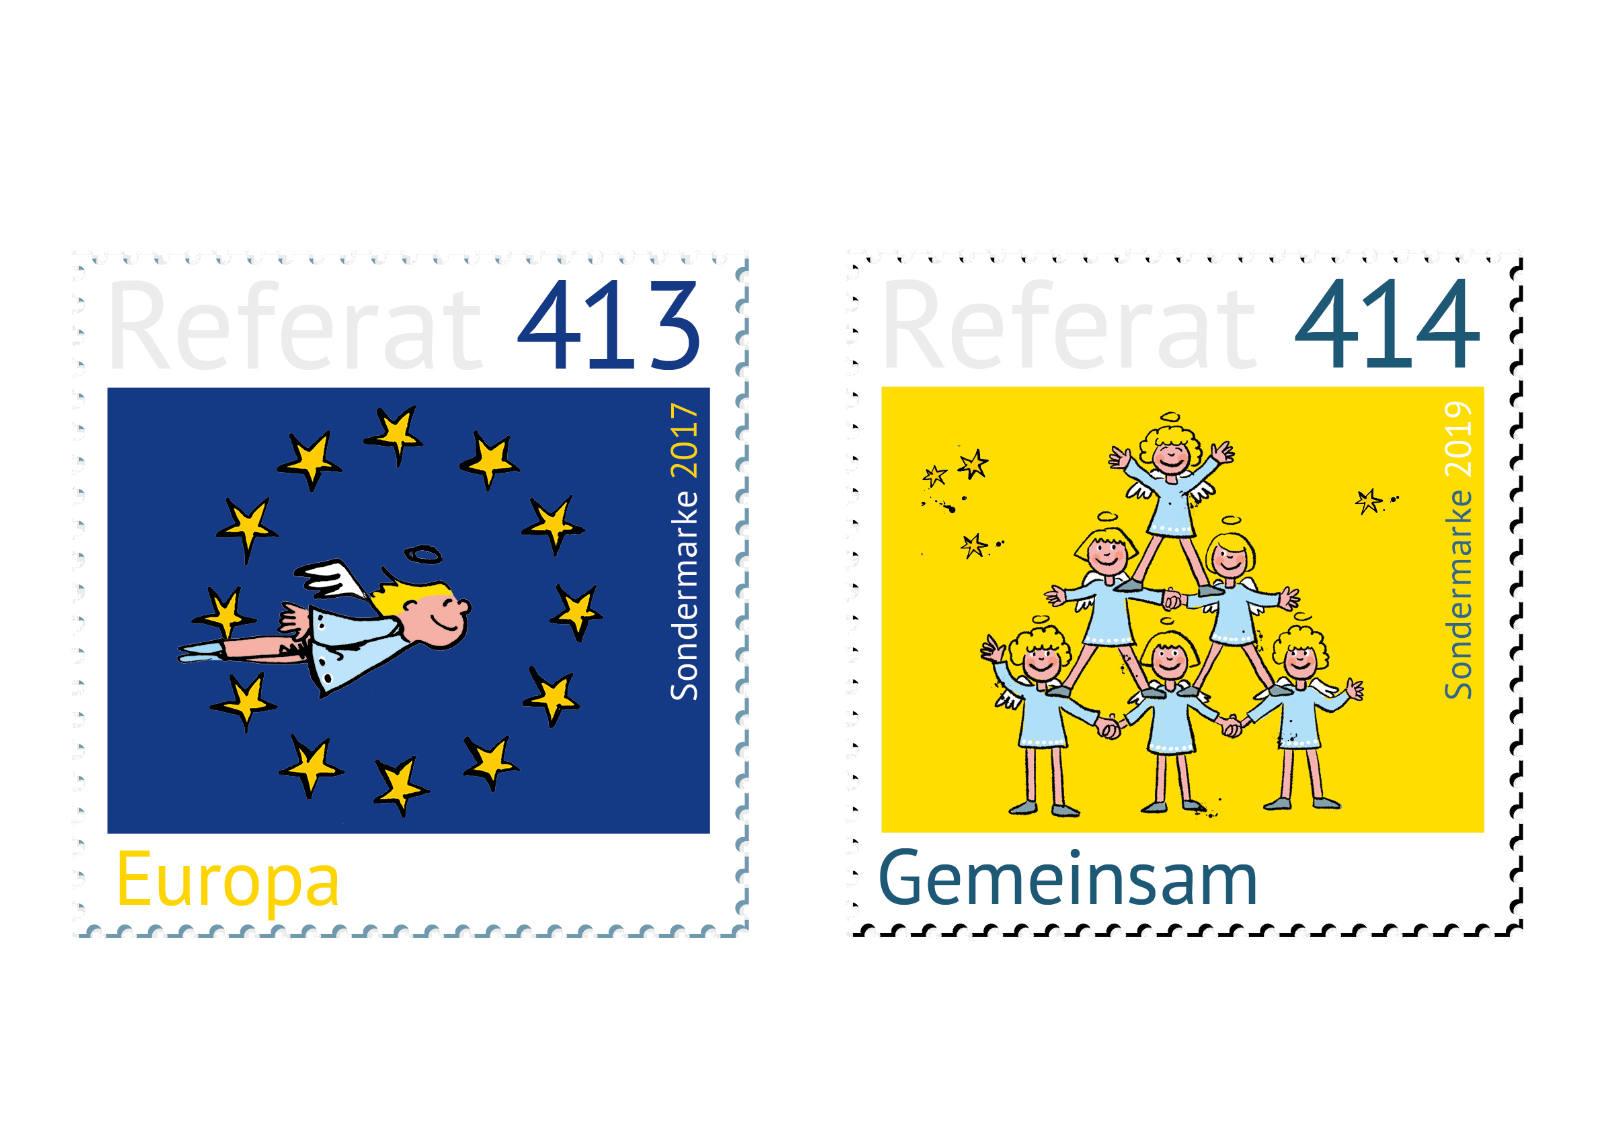 ministerium-bildung-nrw-weihnachtsgruss-illustration-01-neu.jpg